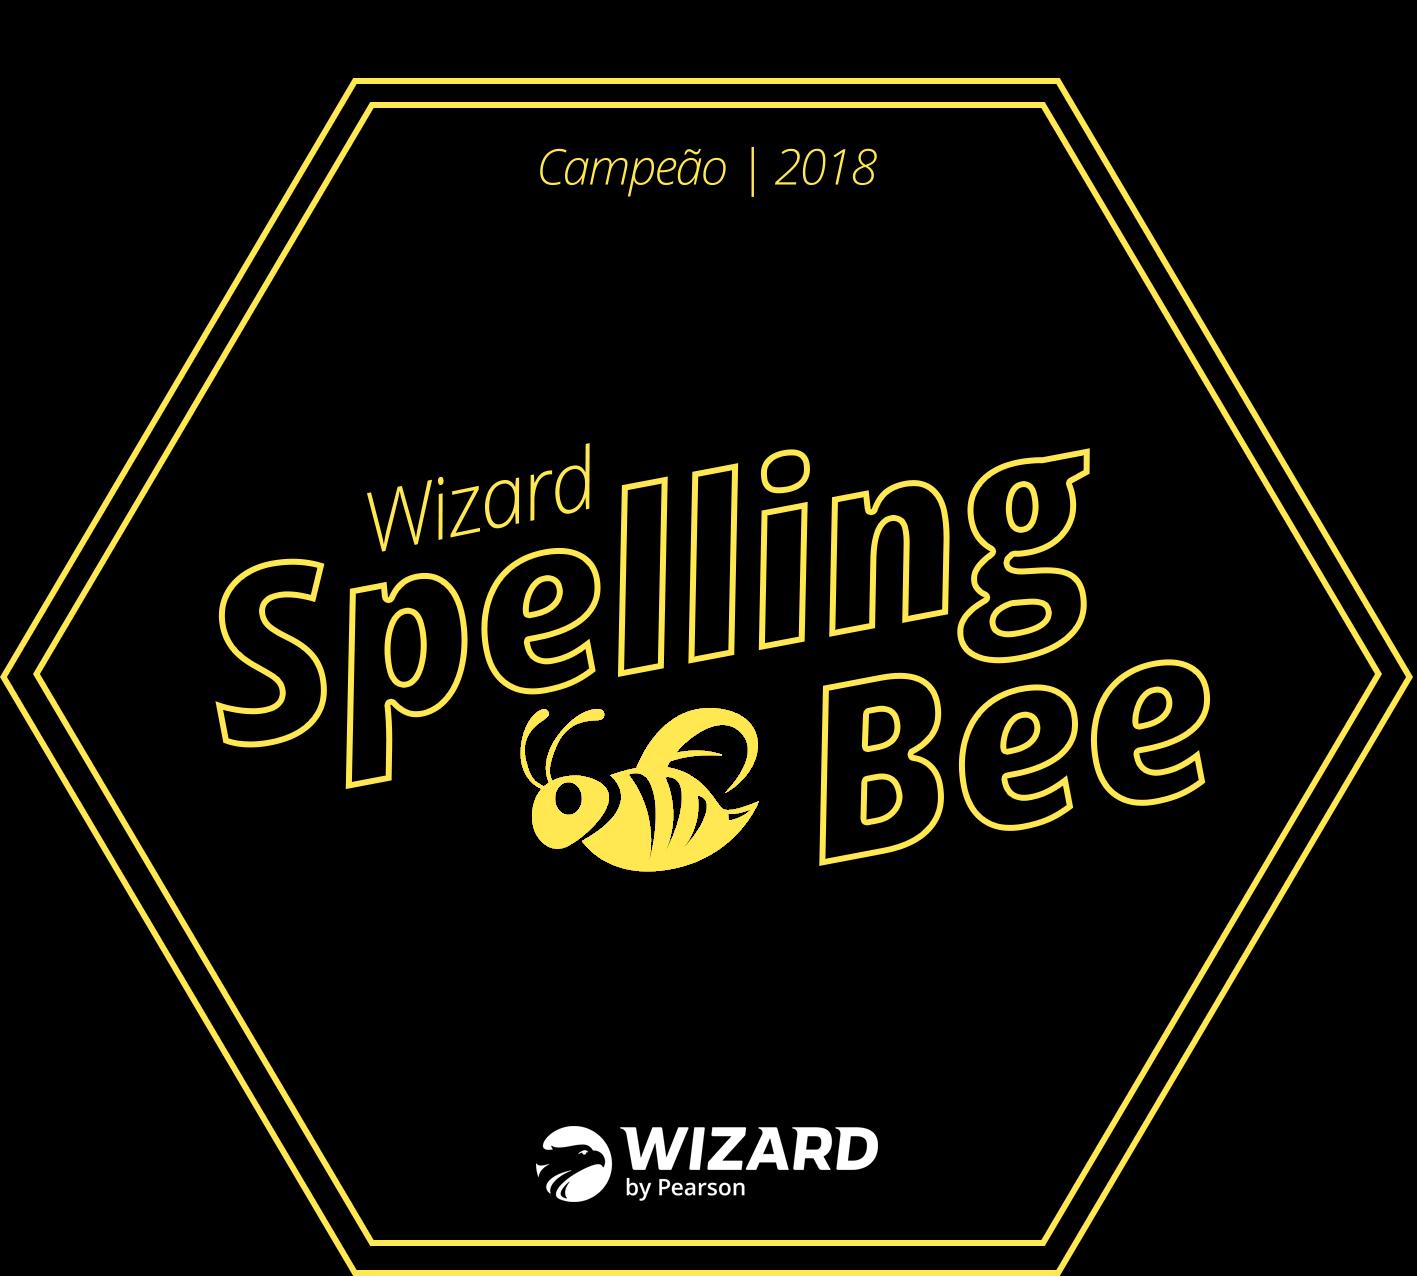 Speeling Bee Wizard